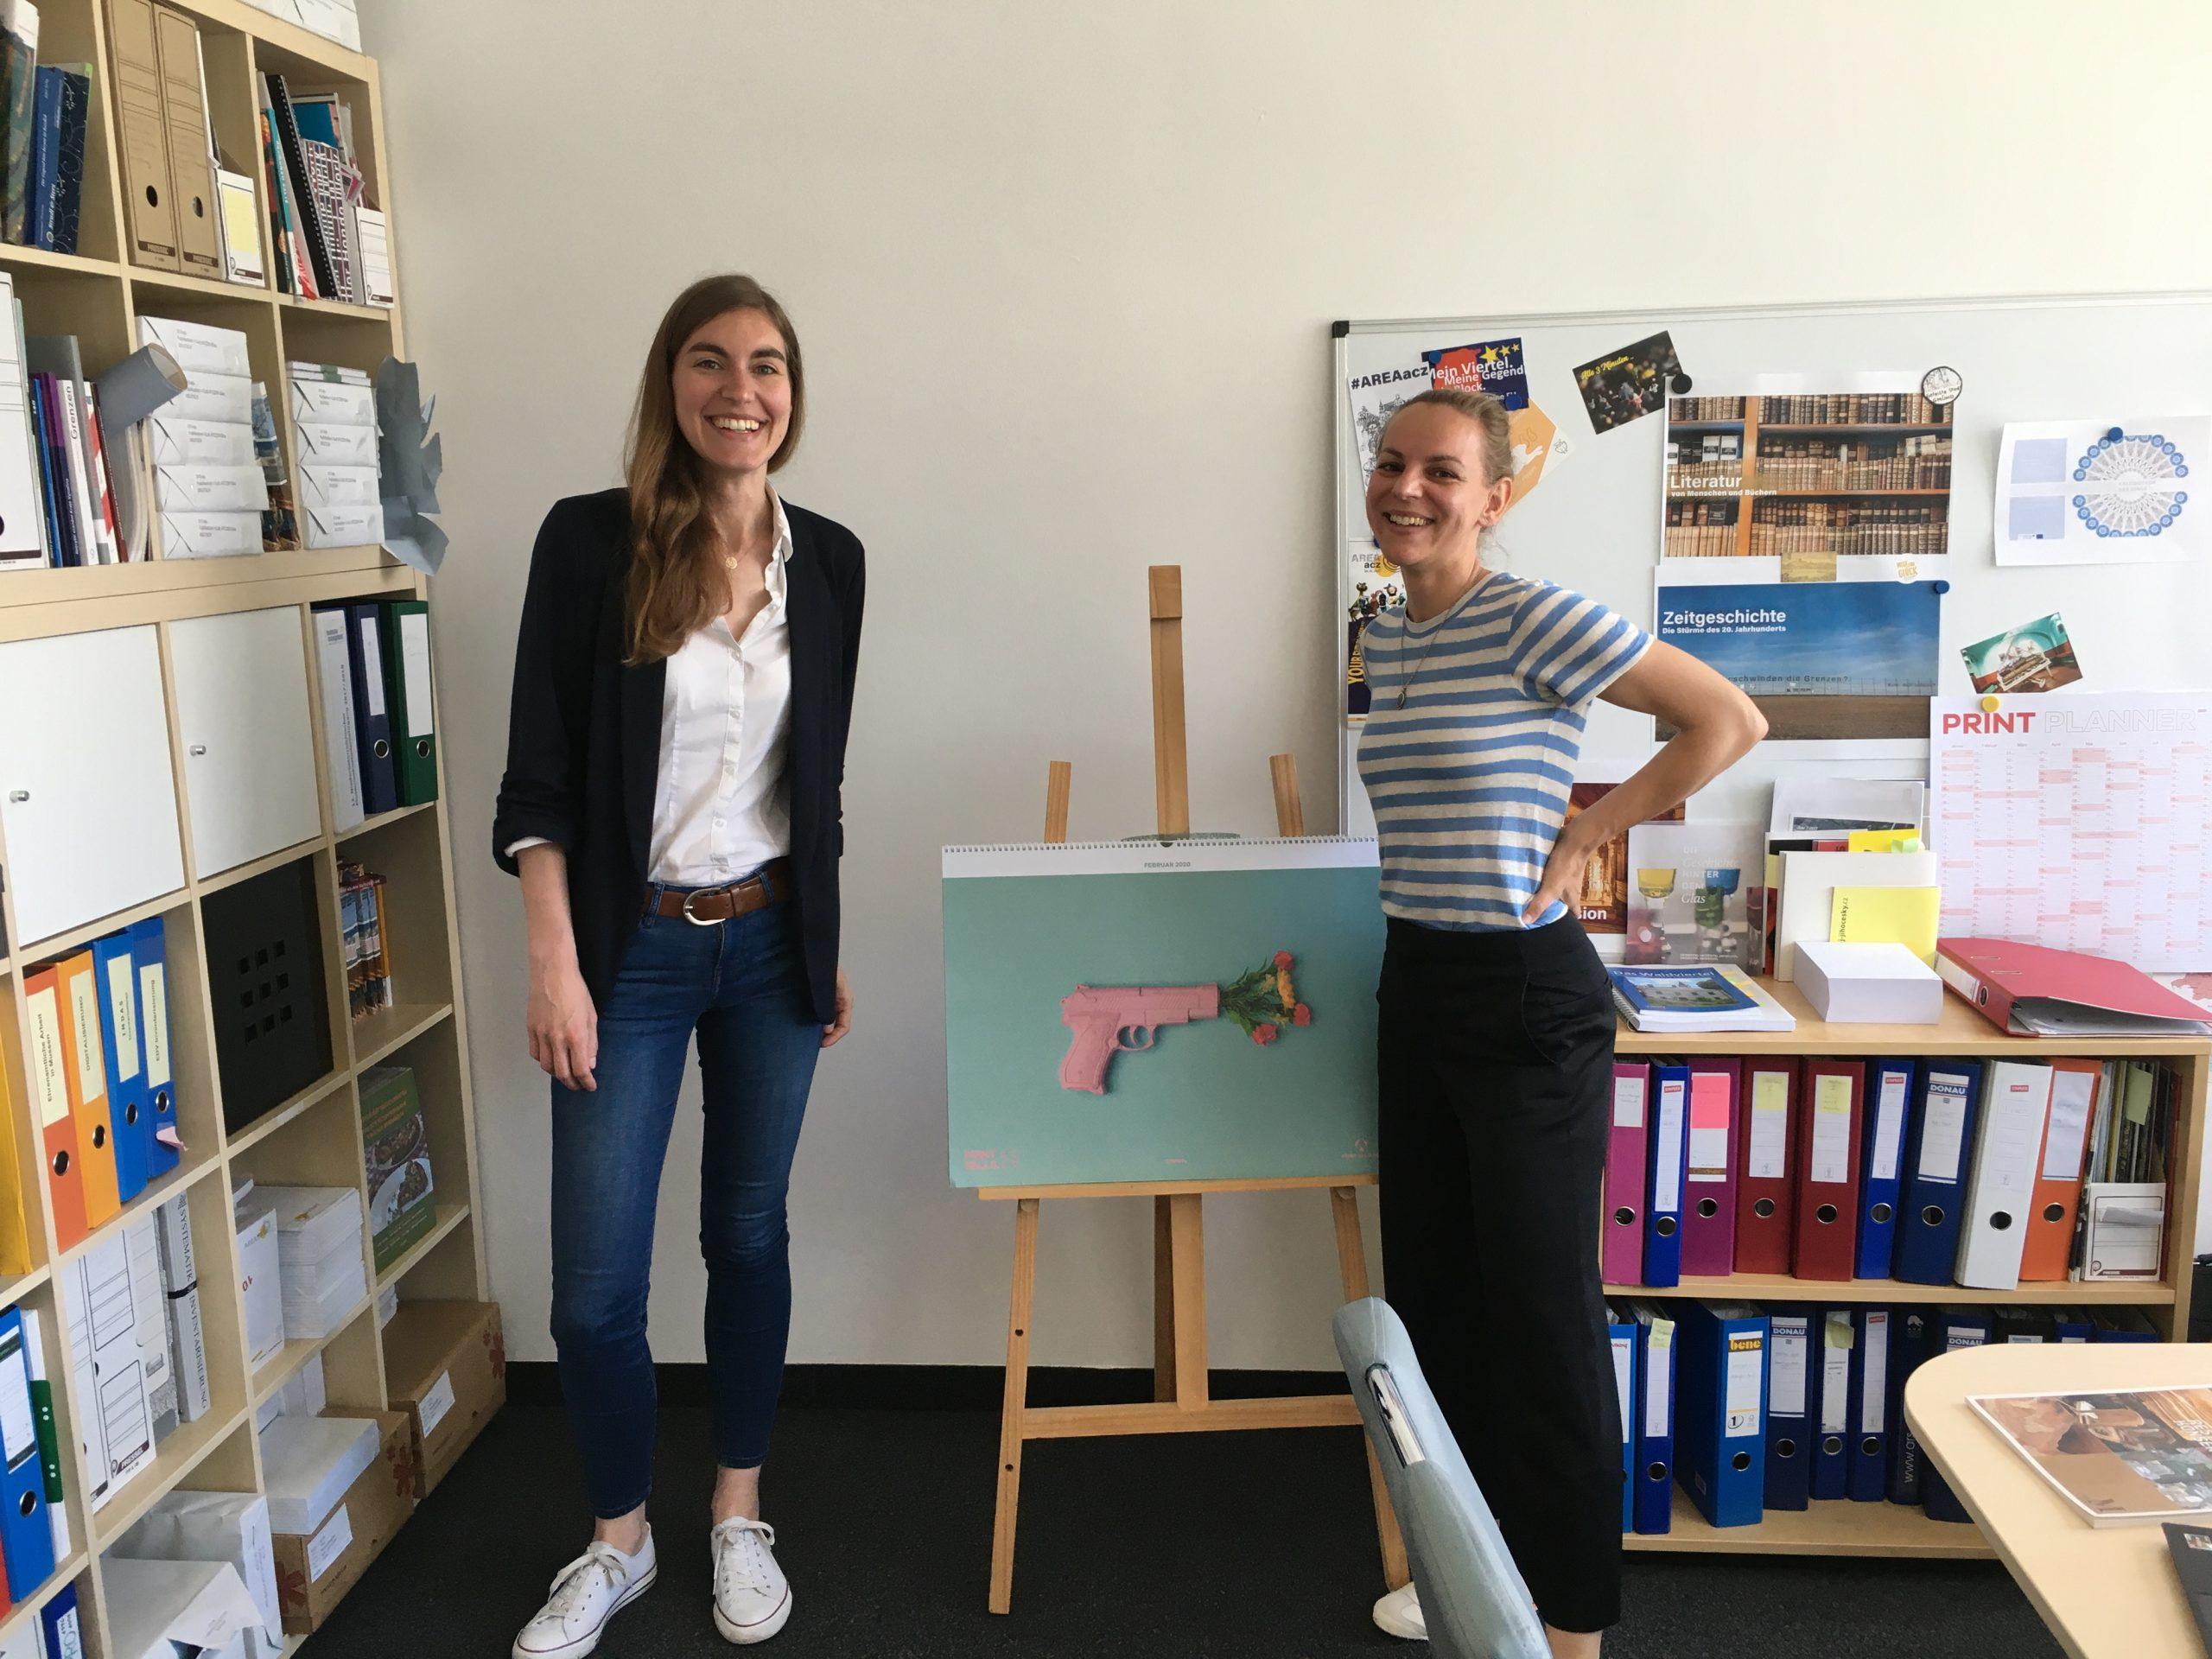 Christa Zahlbruckner (Sammlungsdigitalisierung) und Elisabeth Schlögl (Mitarbeiterin Museumsforum) stehen in einem Büro vor Ordnern und einer Staffelei.